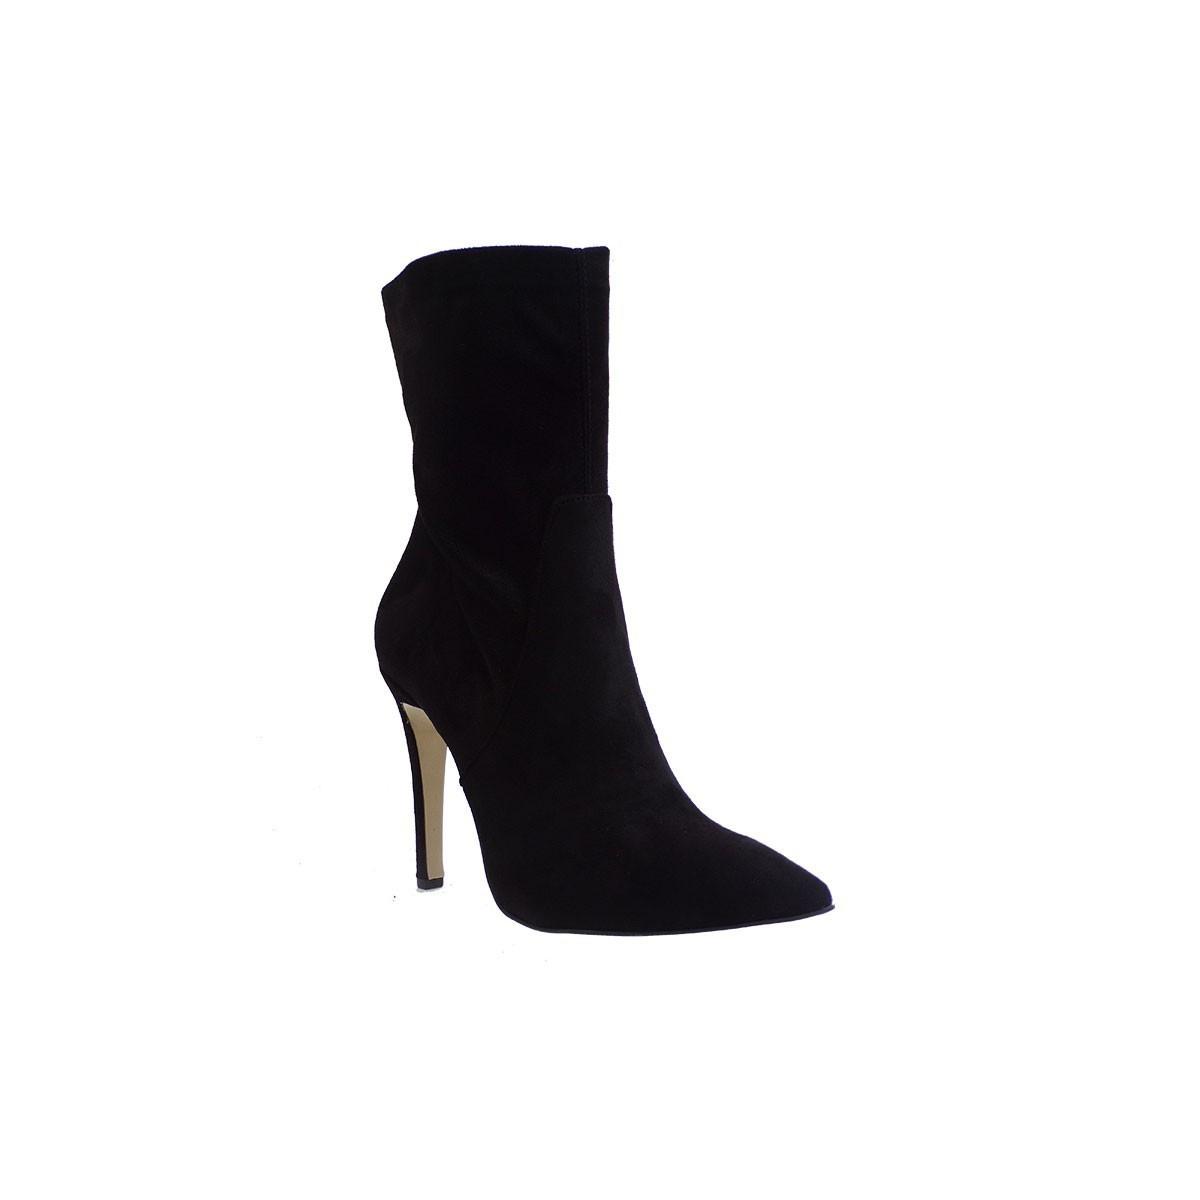 Fardoulis Shoes Γυναικεία Παπούτσια Μποτάκια 4452 Μαύρο Καστόρι